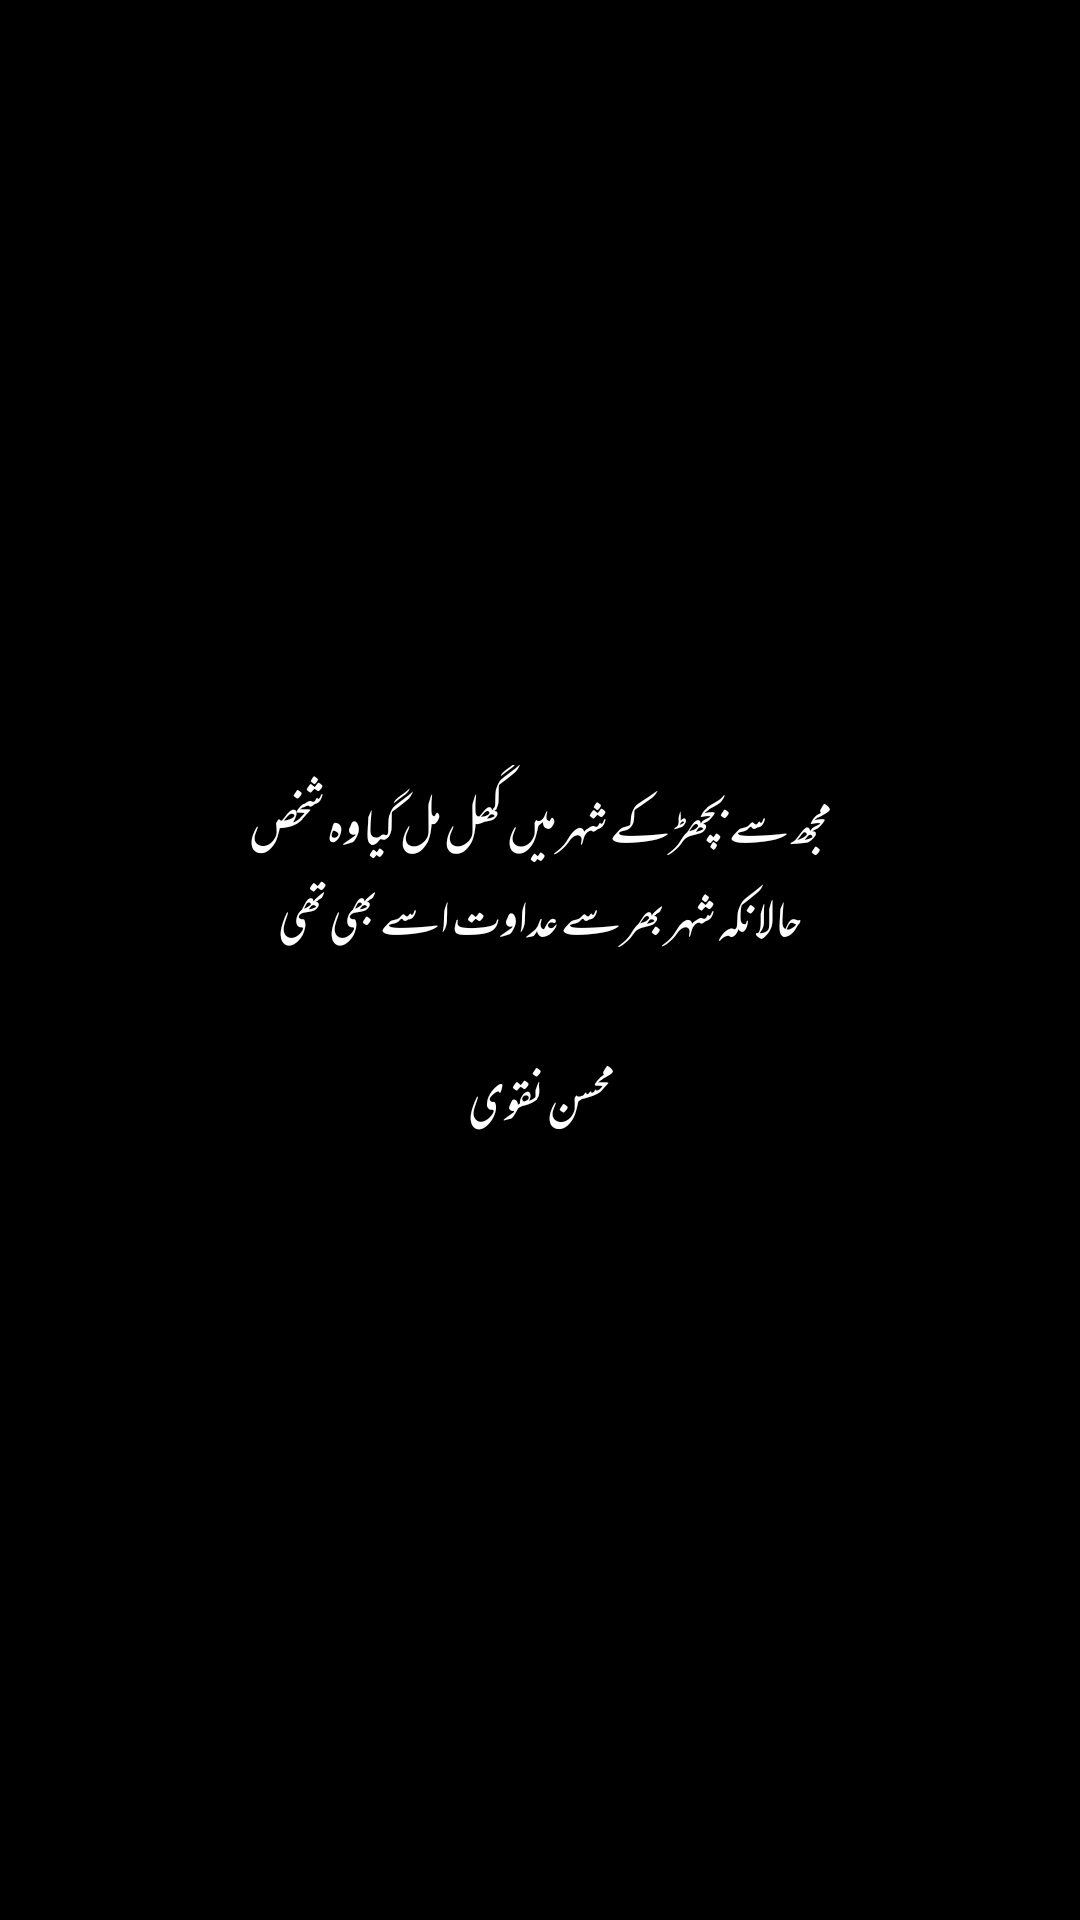 مجھ سے بچھڑ کے شہر میں گھل مل گیا وہ شخص حالانکہ شہر بھر سے عداوت اسے بھی تھی  محسن نقوی